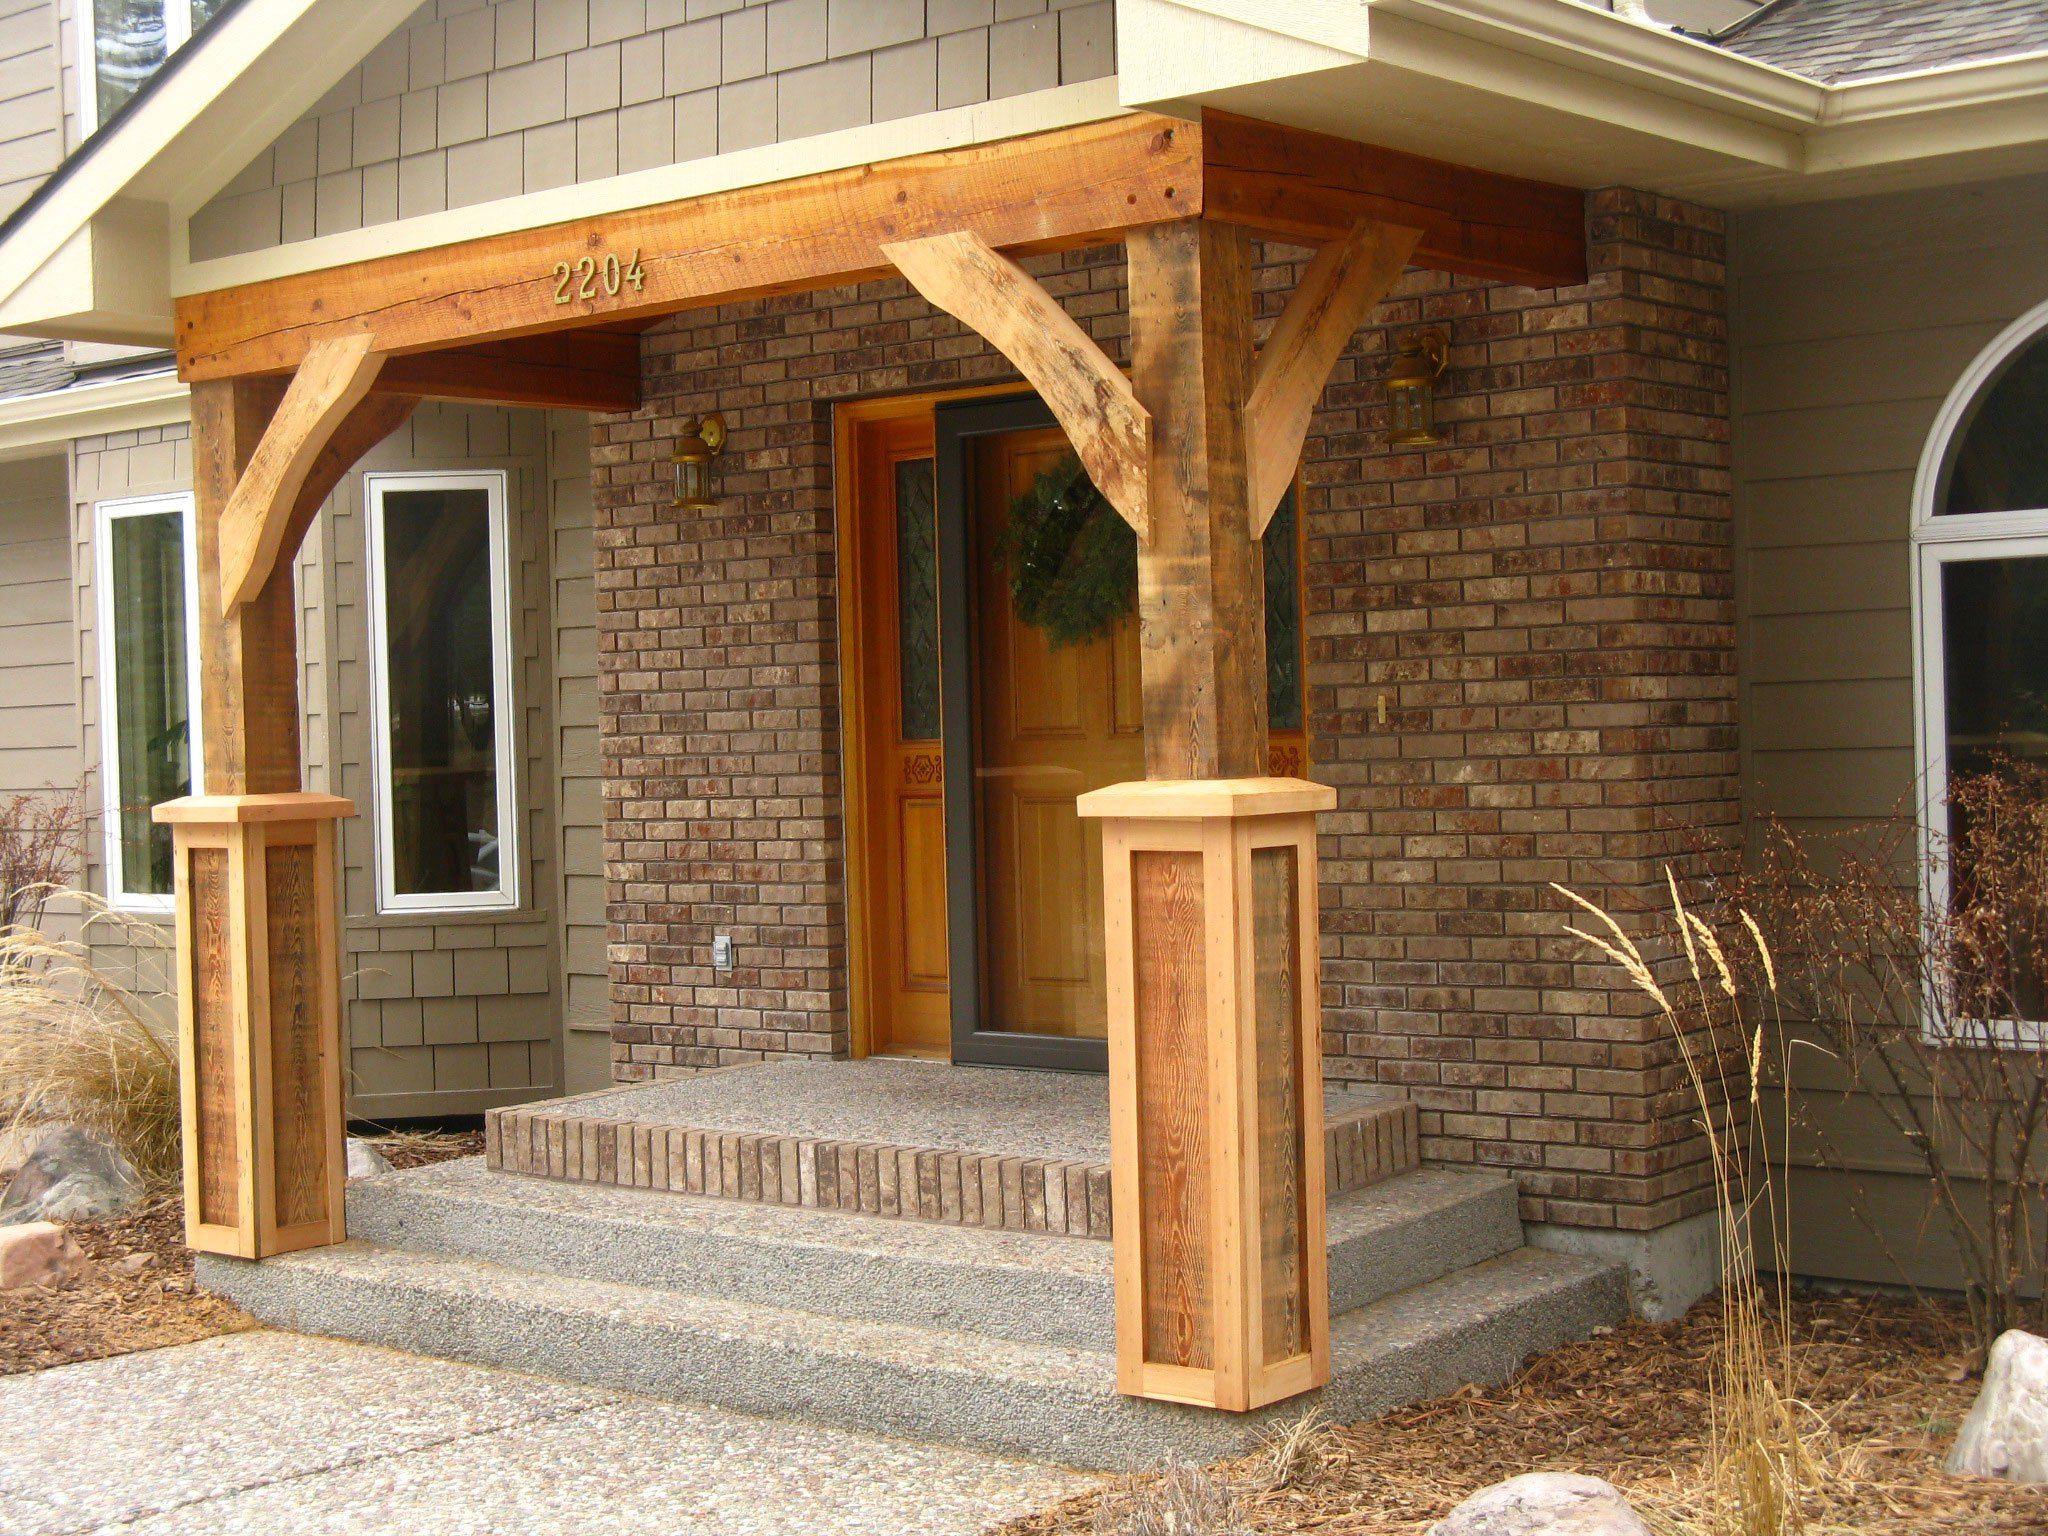 Pillar Design For Terrace Front Home Porch Columns Construction For Divine Architectural Pil Small Front Porches Designs Front Porch Design Front Porch Columns